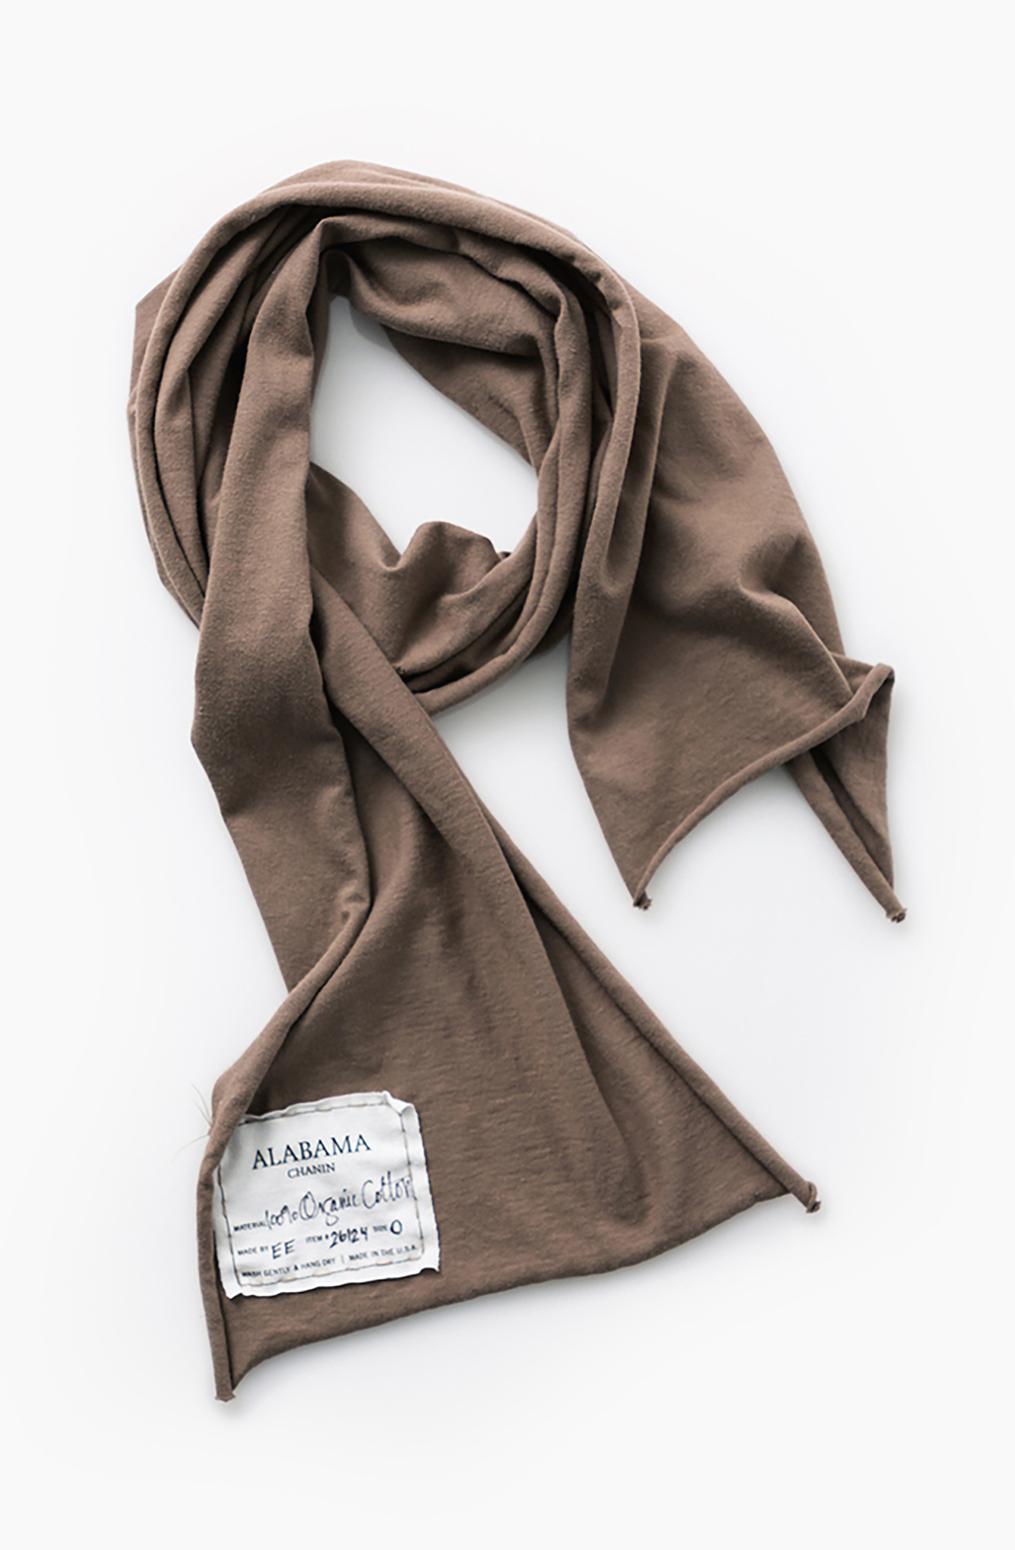 Alabama chanin organic cotton scarf 2